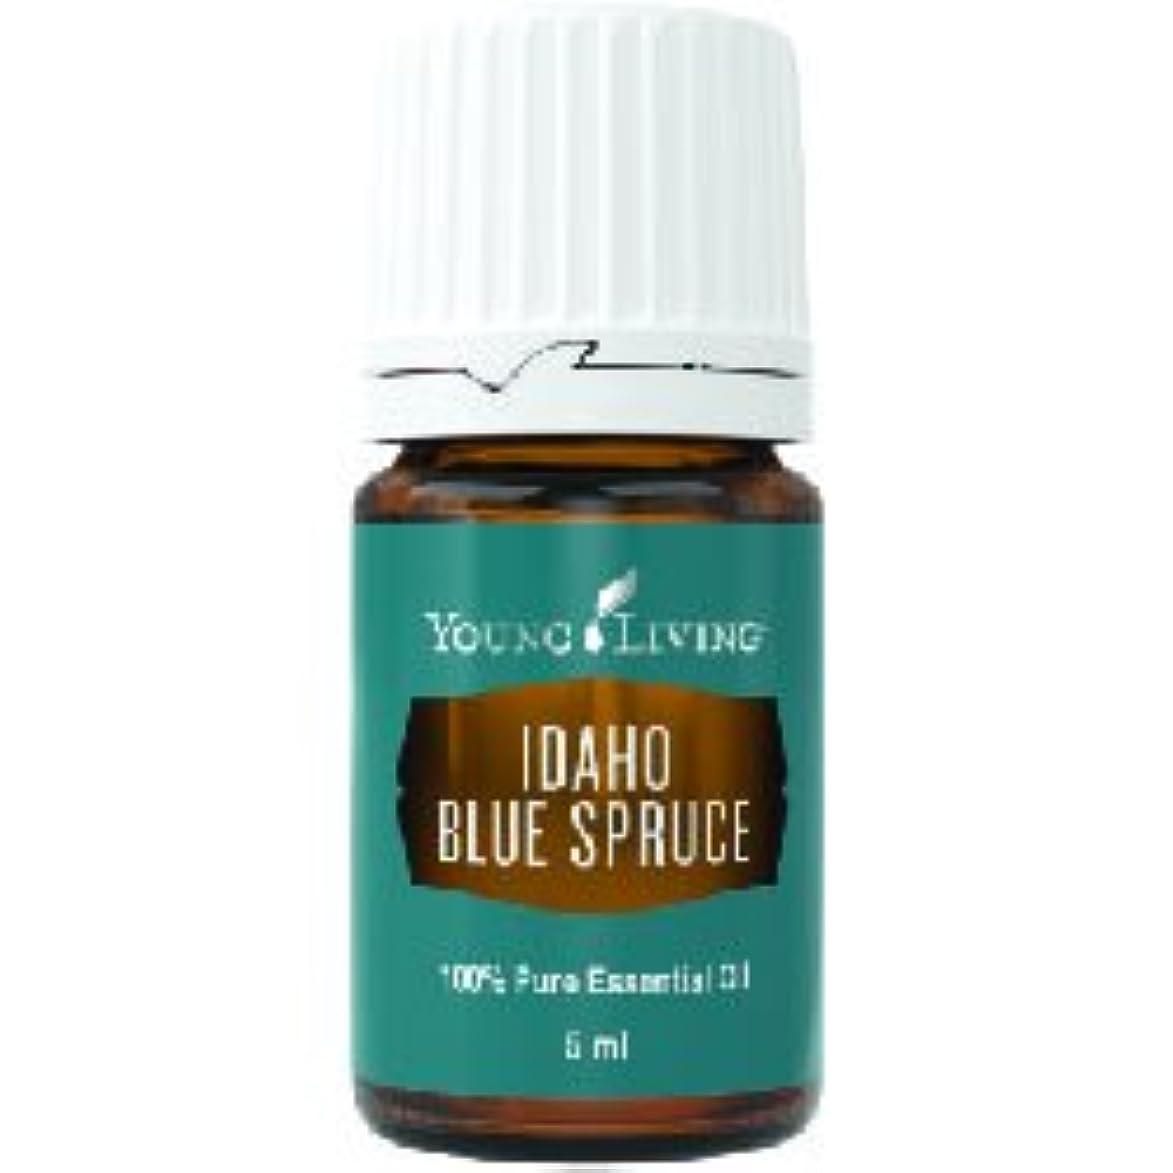 駐地戦うリスアイダホブルースプルースエッセンシャルオイル5ml by Young Livingエッセンシャルオイルマレーシア Idaho Blue Spruce Essential Oil 5ml by Young Living Essential...